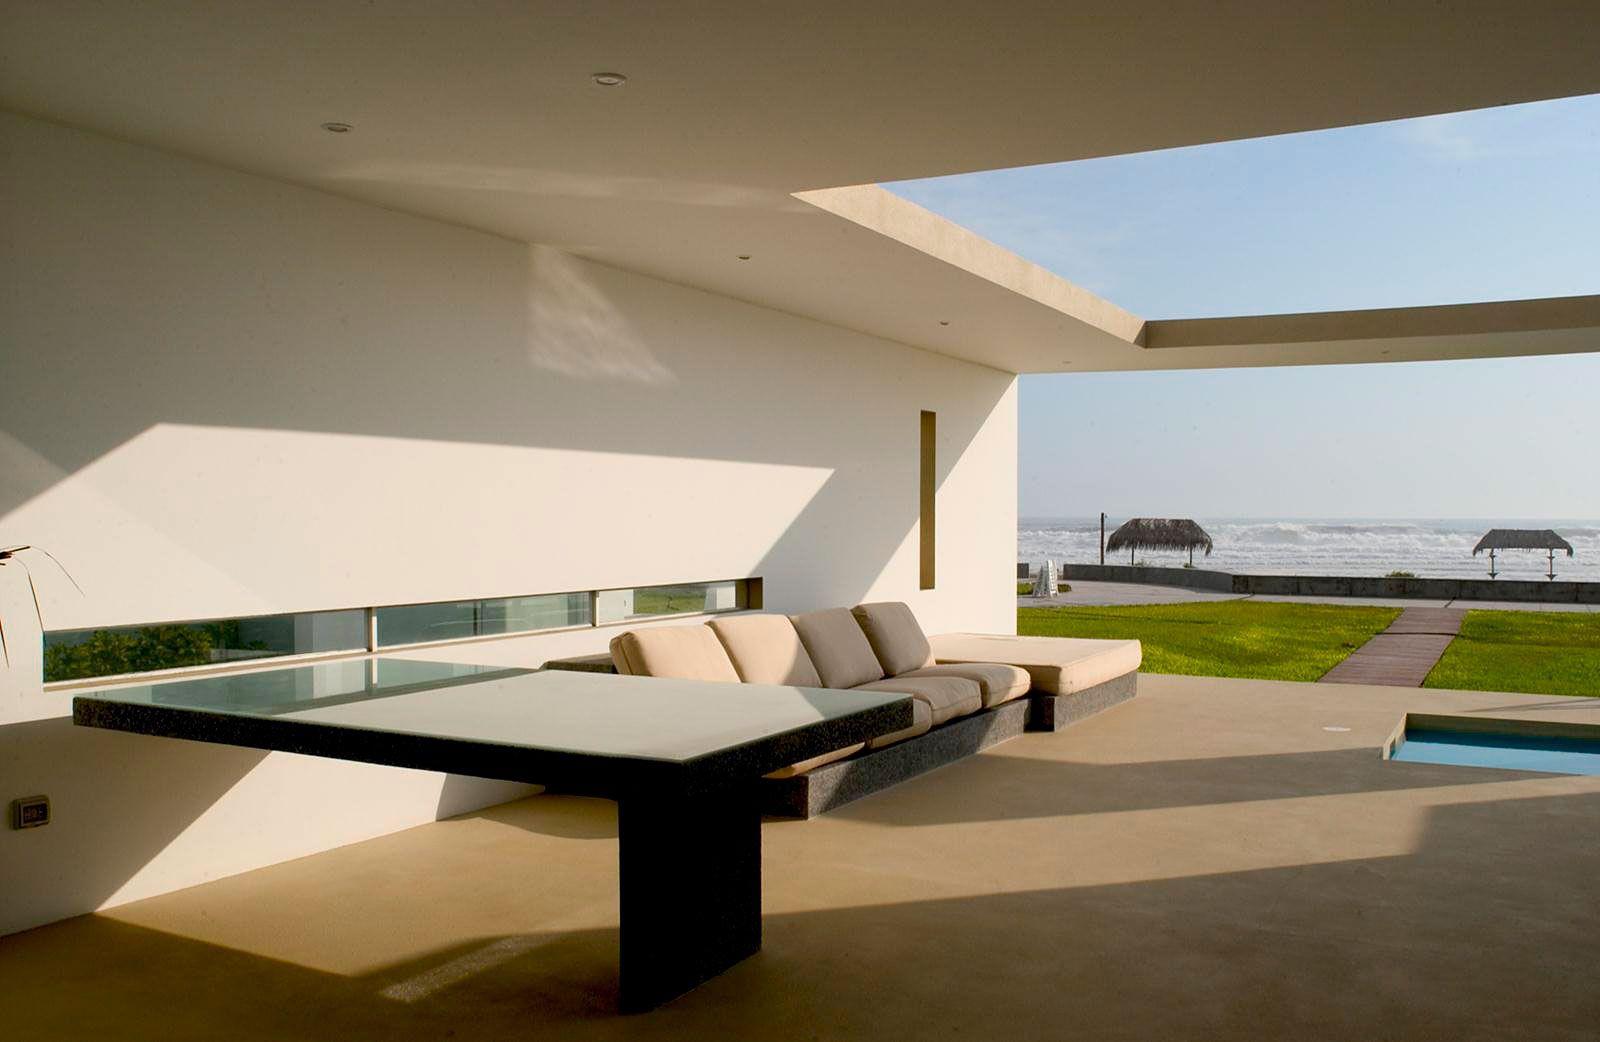 House-in-Las-Arenas-06-3